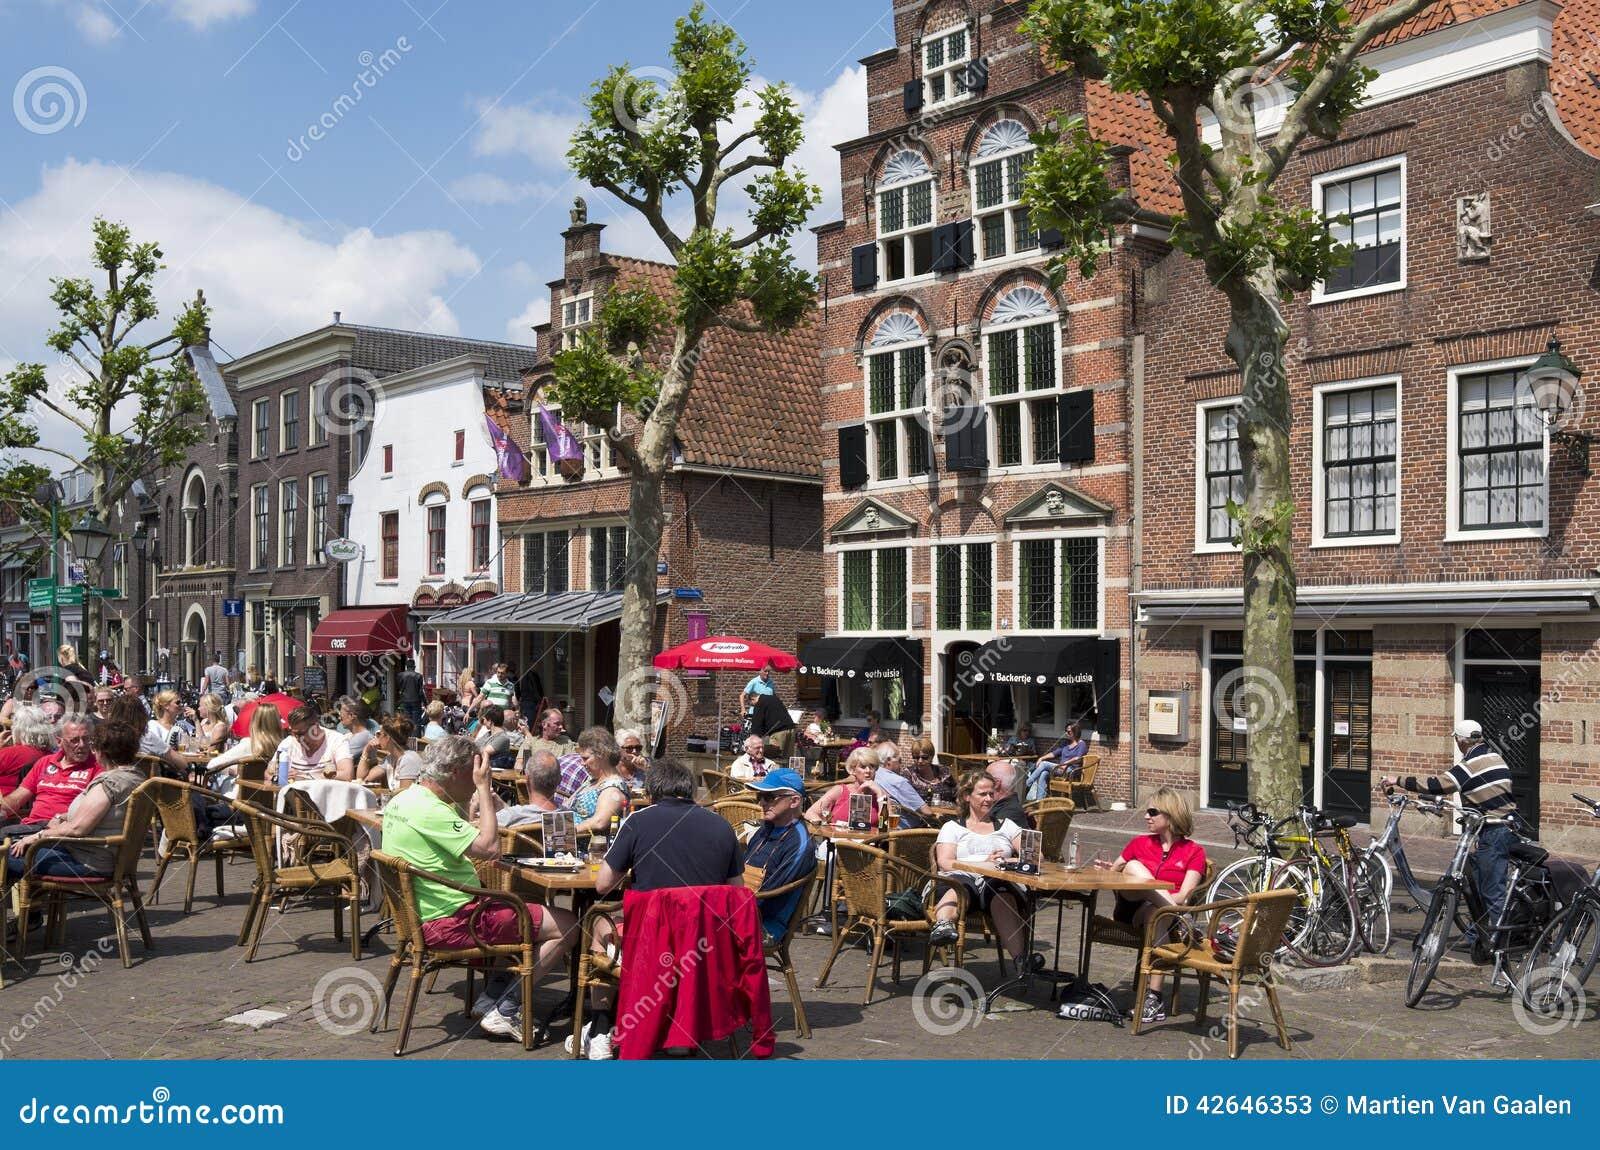 Mensen op een terras in het centrum van het dorp oudewater redactionele stock foto afbeelding - Foto sluit een overdekt terras ...